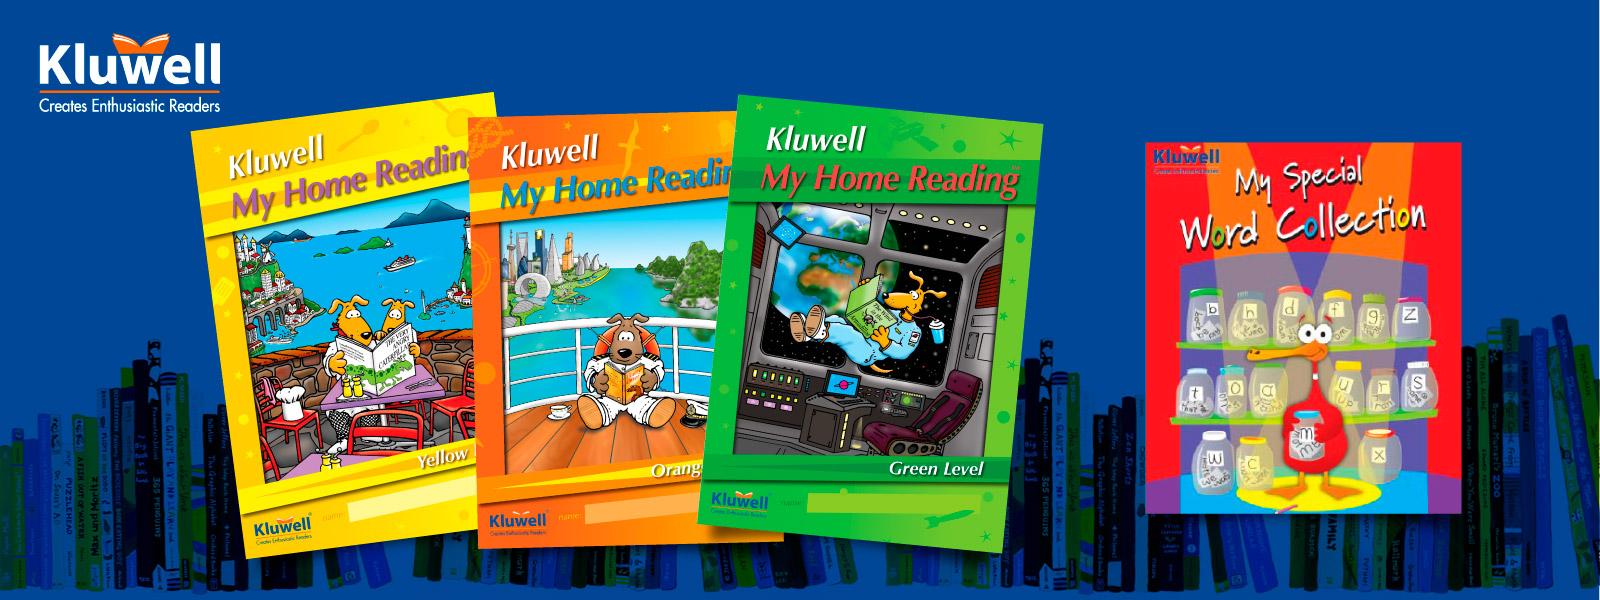 books-hero-image-kluwell-1600×600